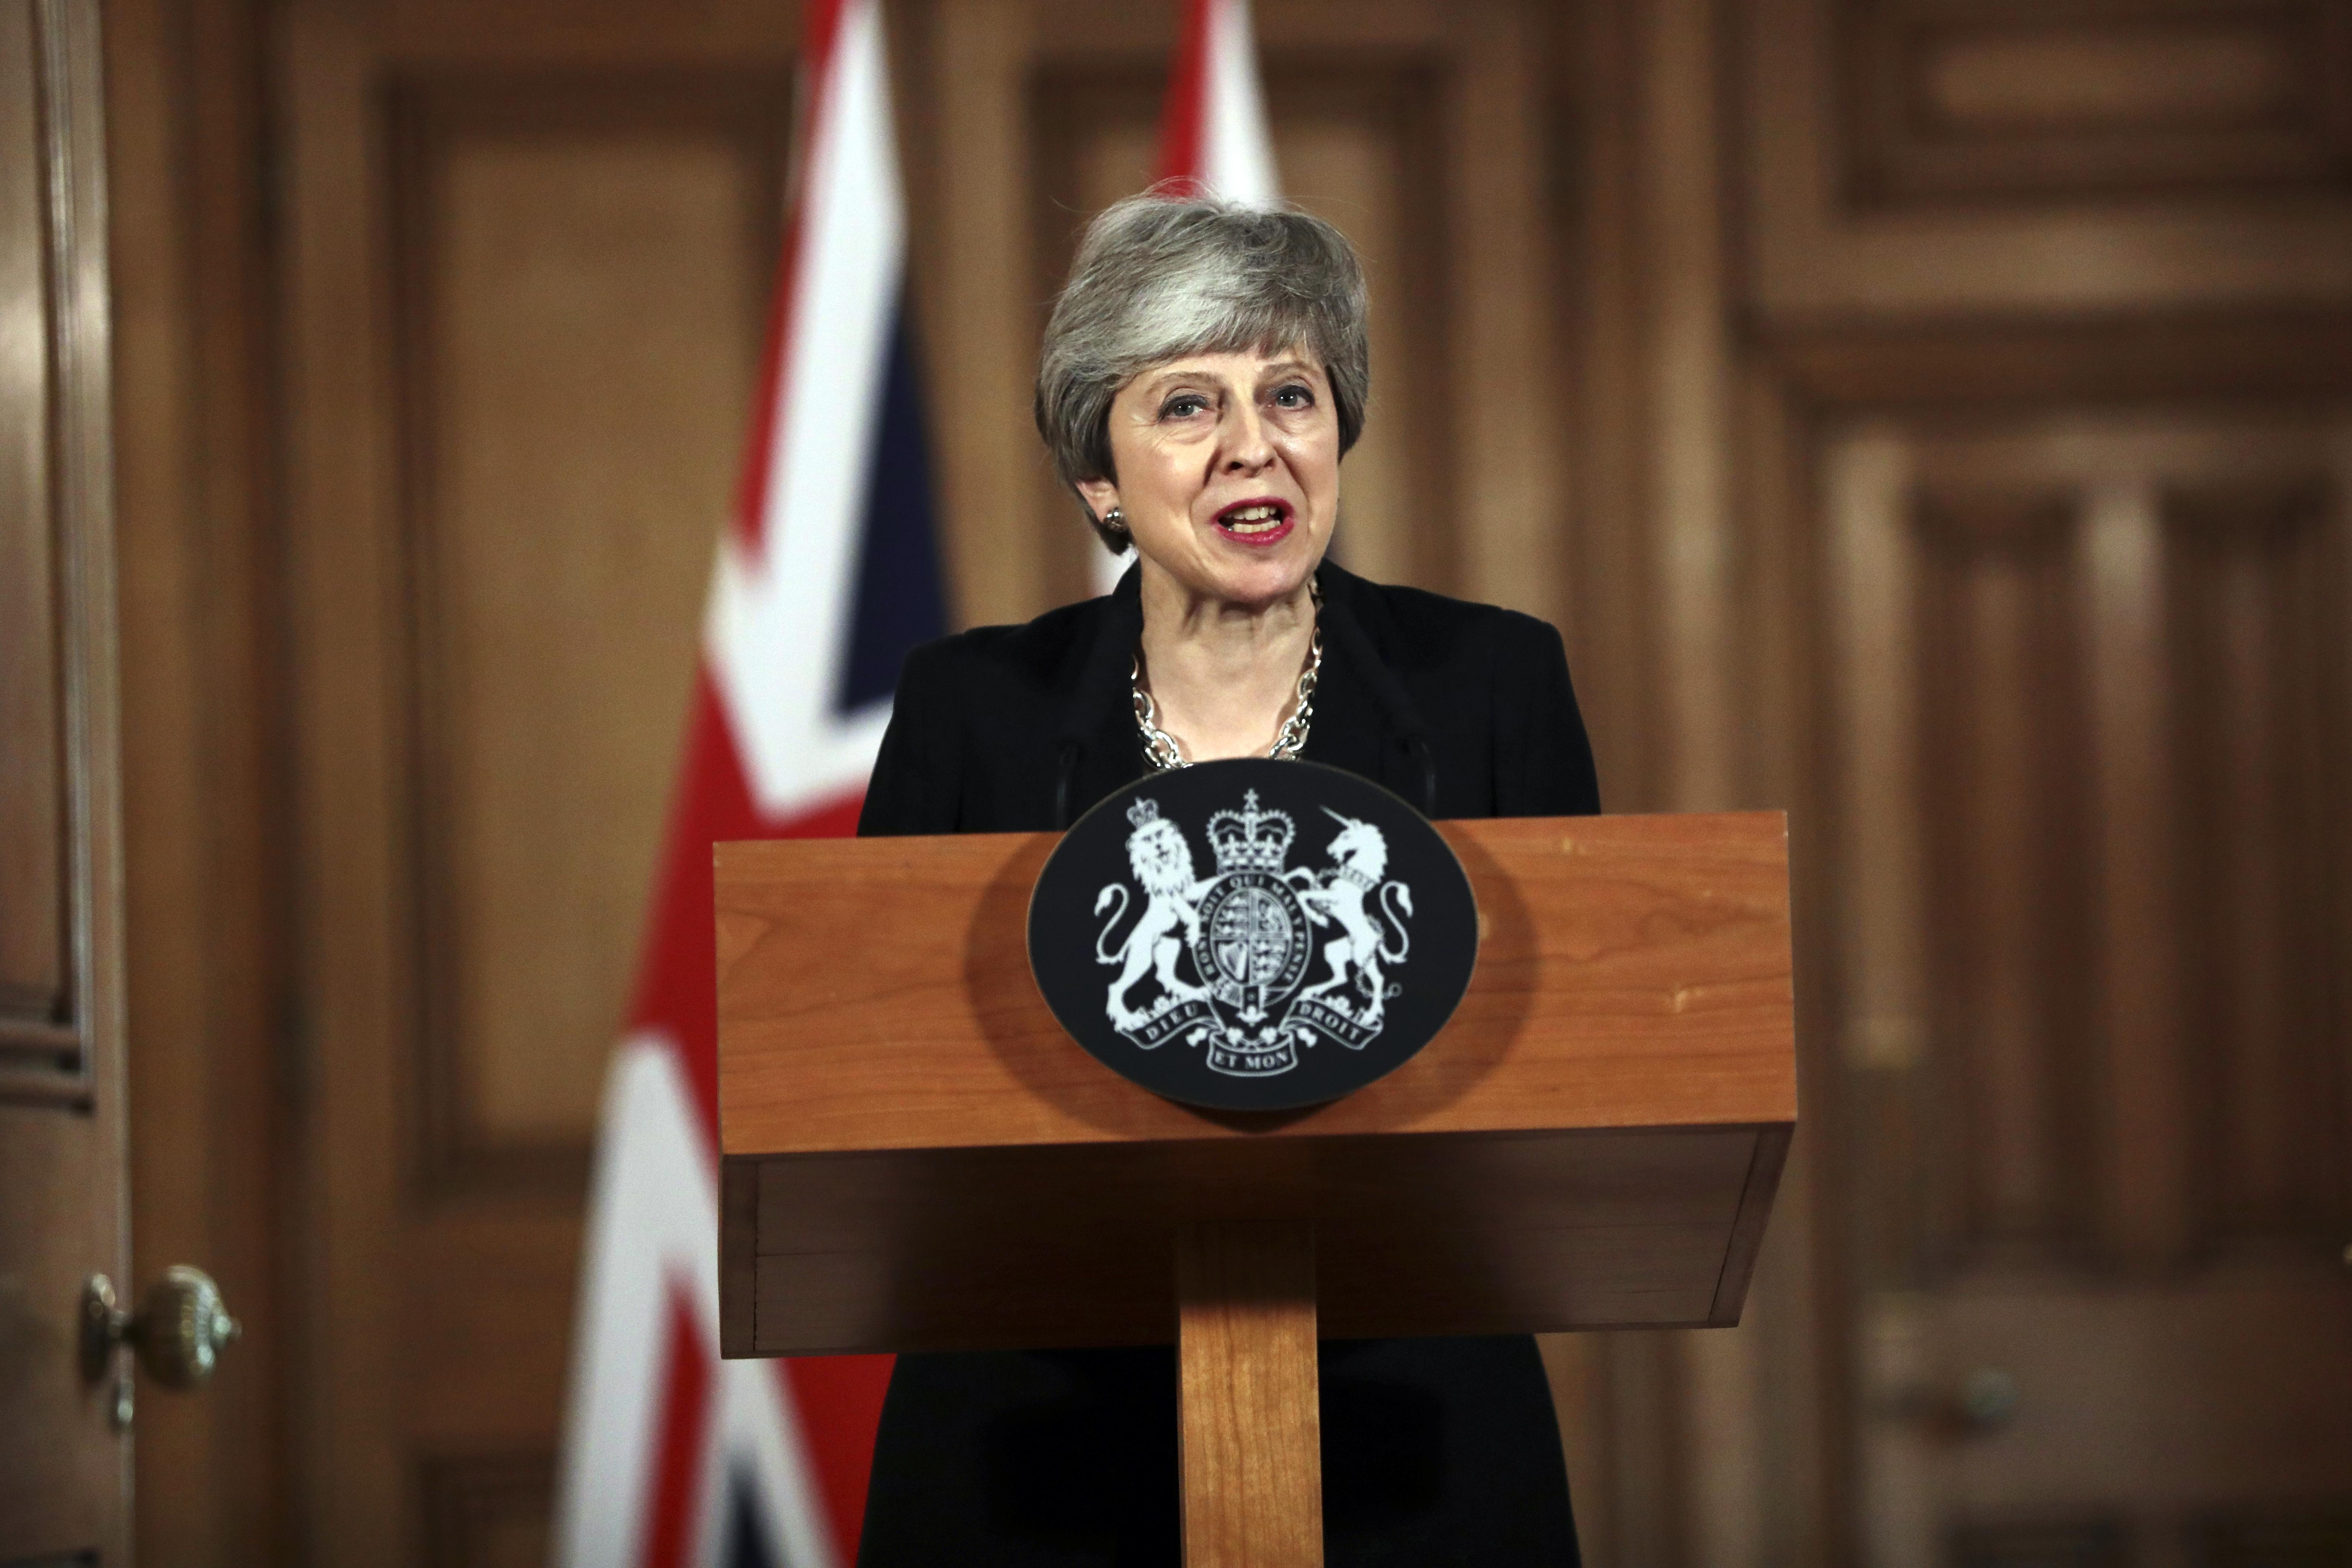 Theresa britannica